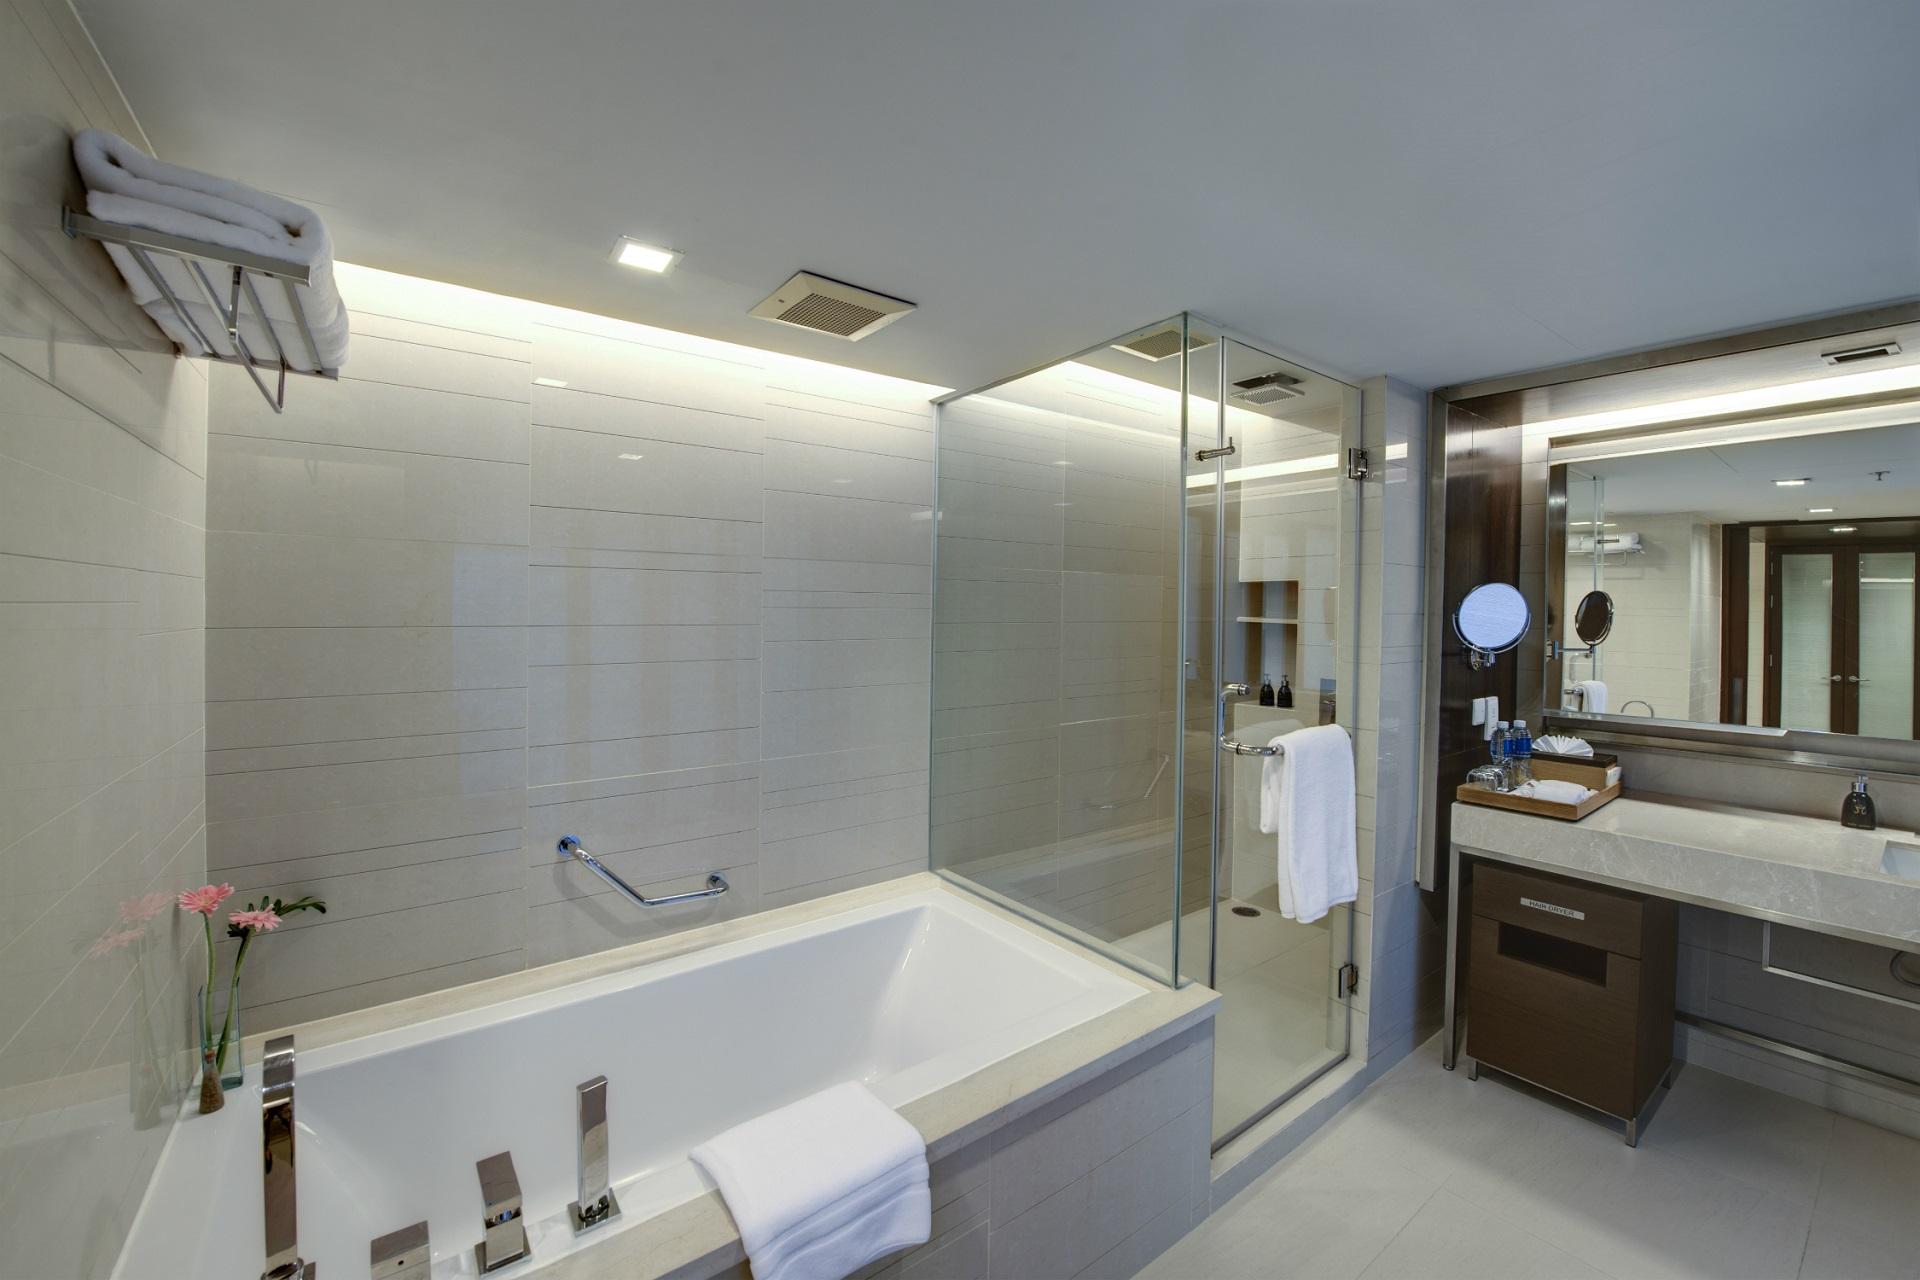 エグゼクプラススイート イメージ/パトゥムワン・プリンセス・ホテル